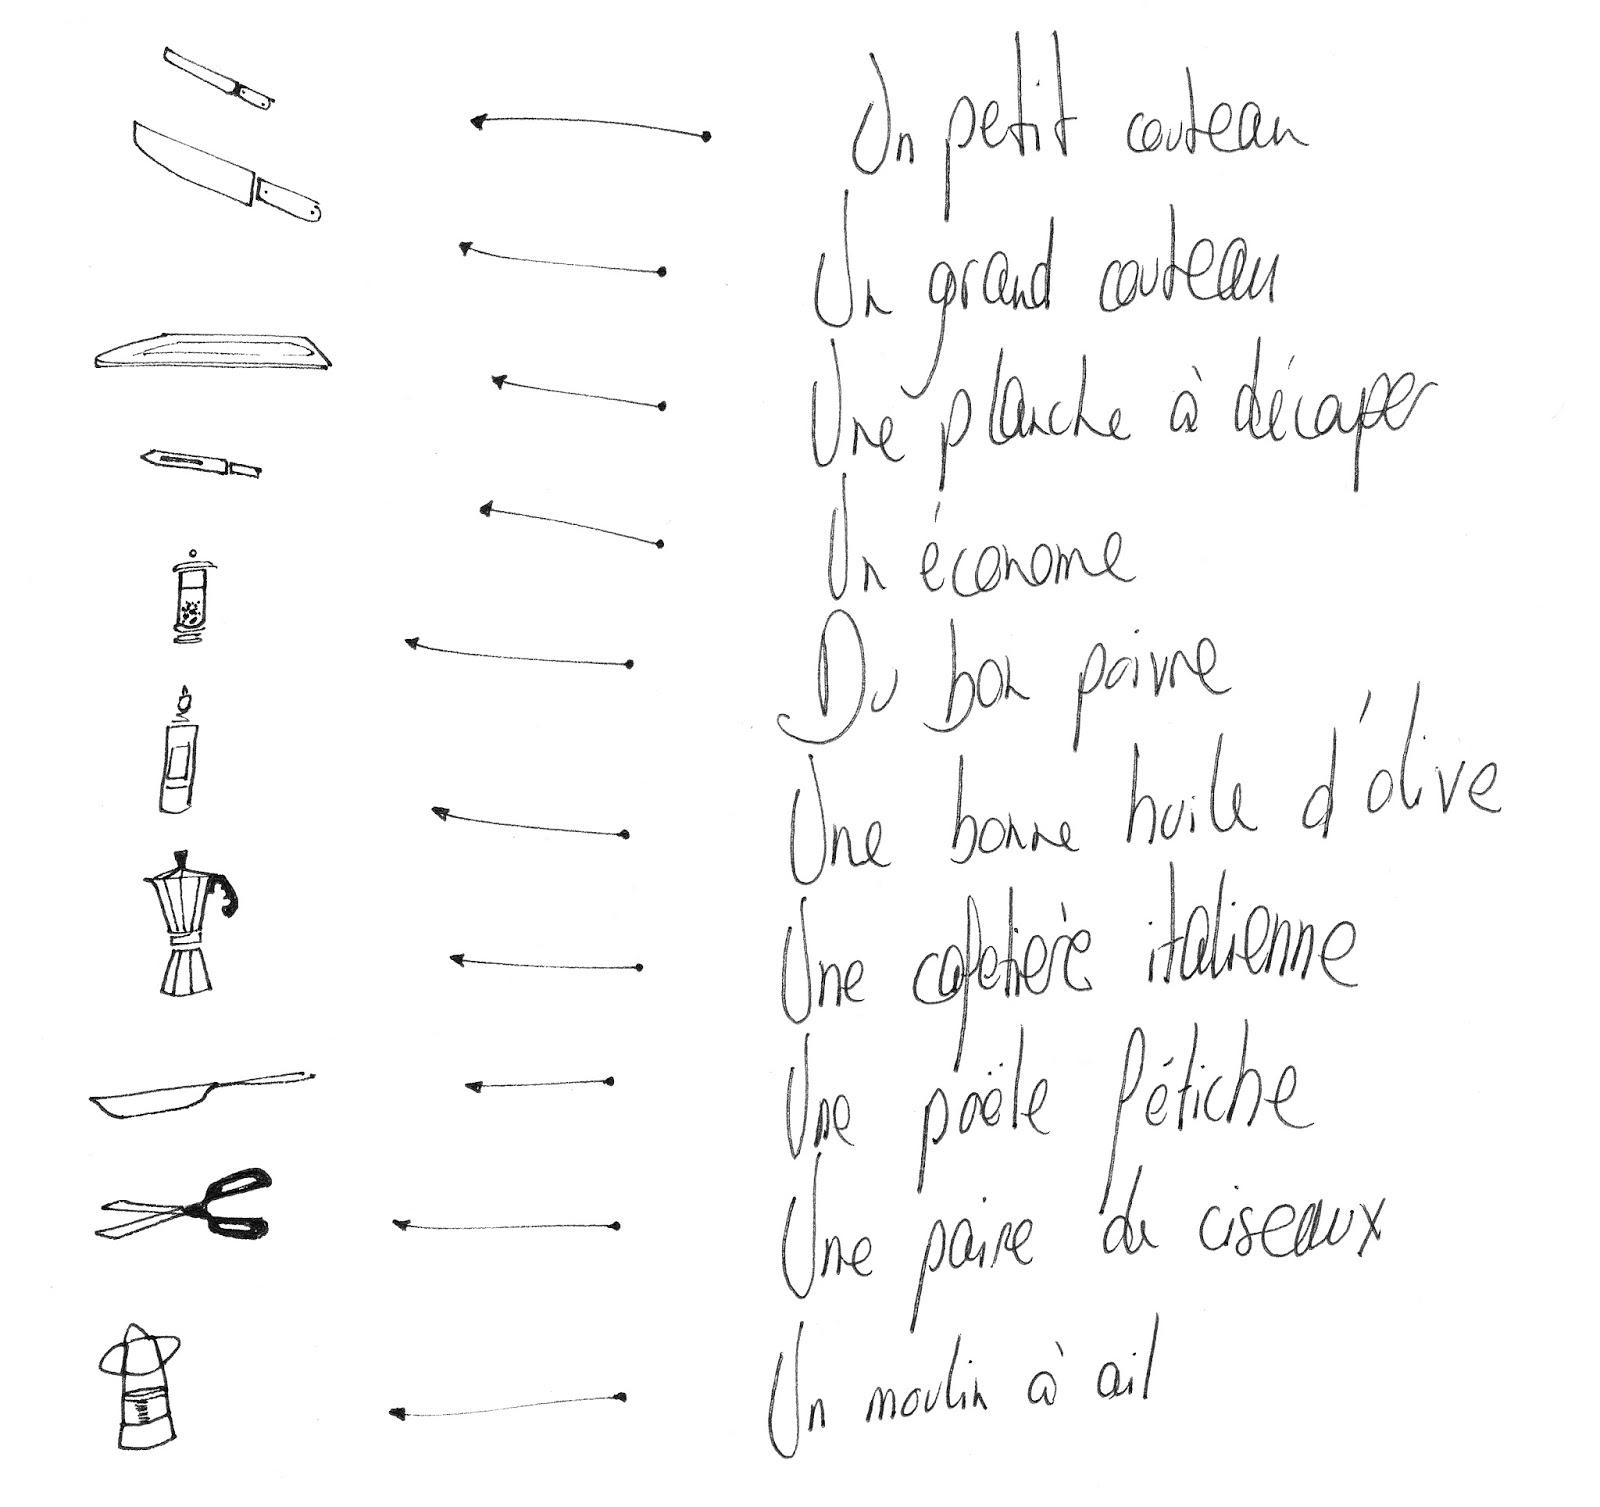 Top liste ustensile de cuisine vz42 montrealeast - Outil de cuisine liste ...